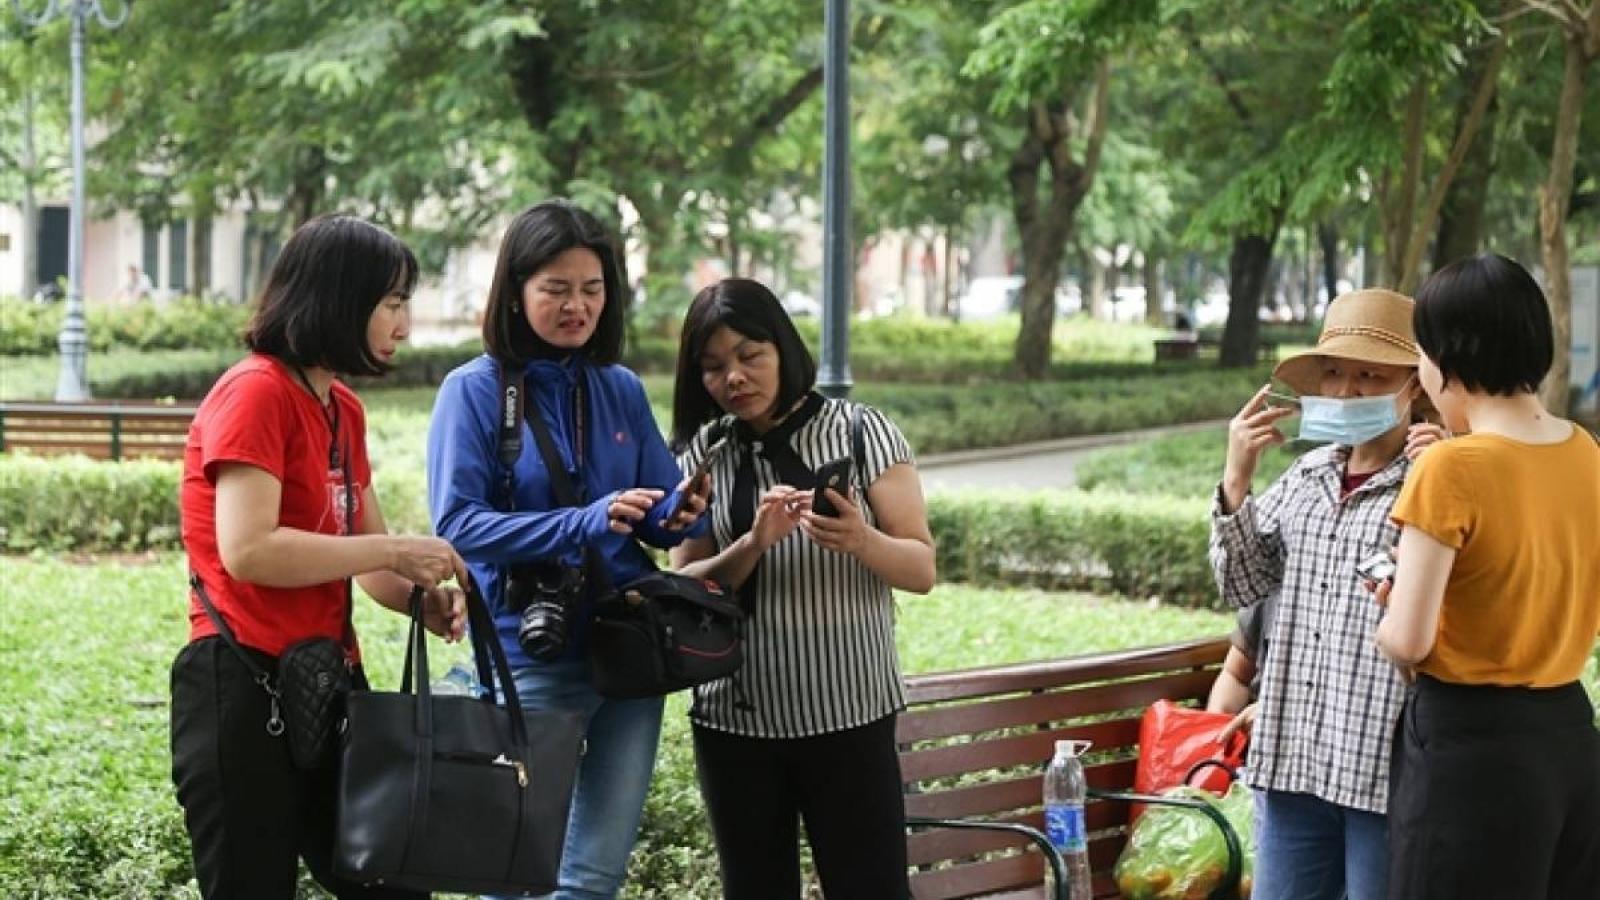 Hanoi residents not heeding COVID-19 warnings